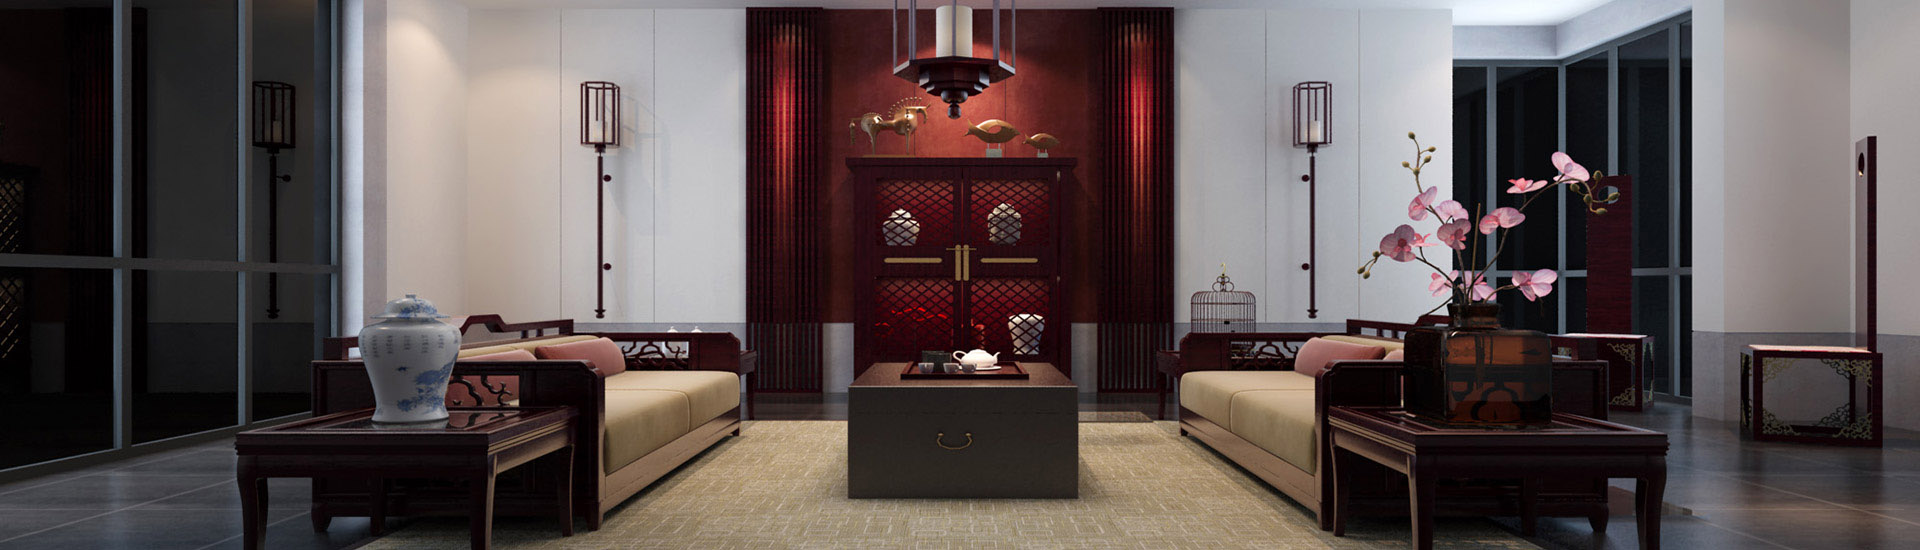 佛山130平米家居简中式装修风格图片